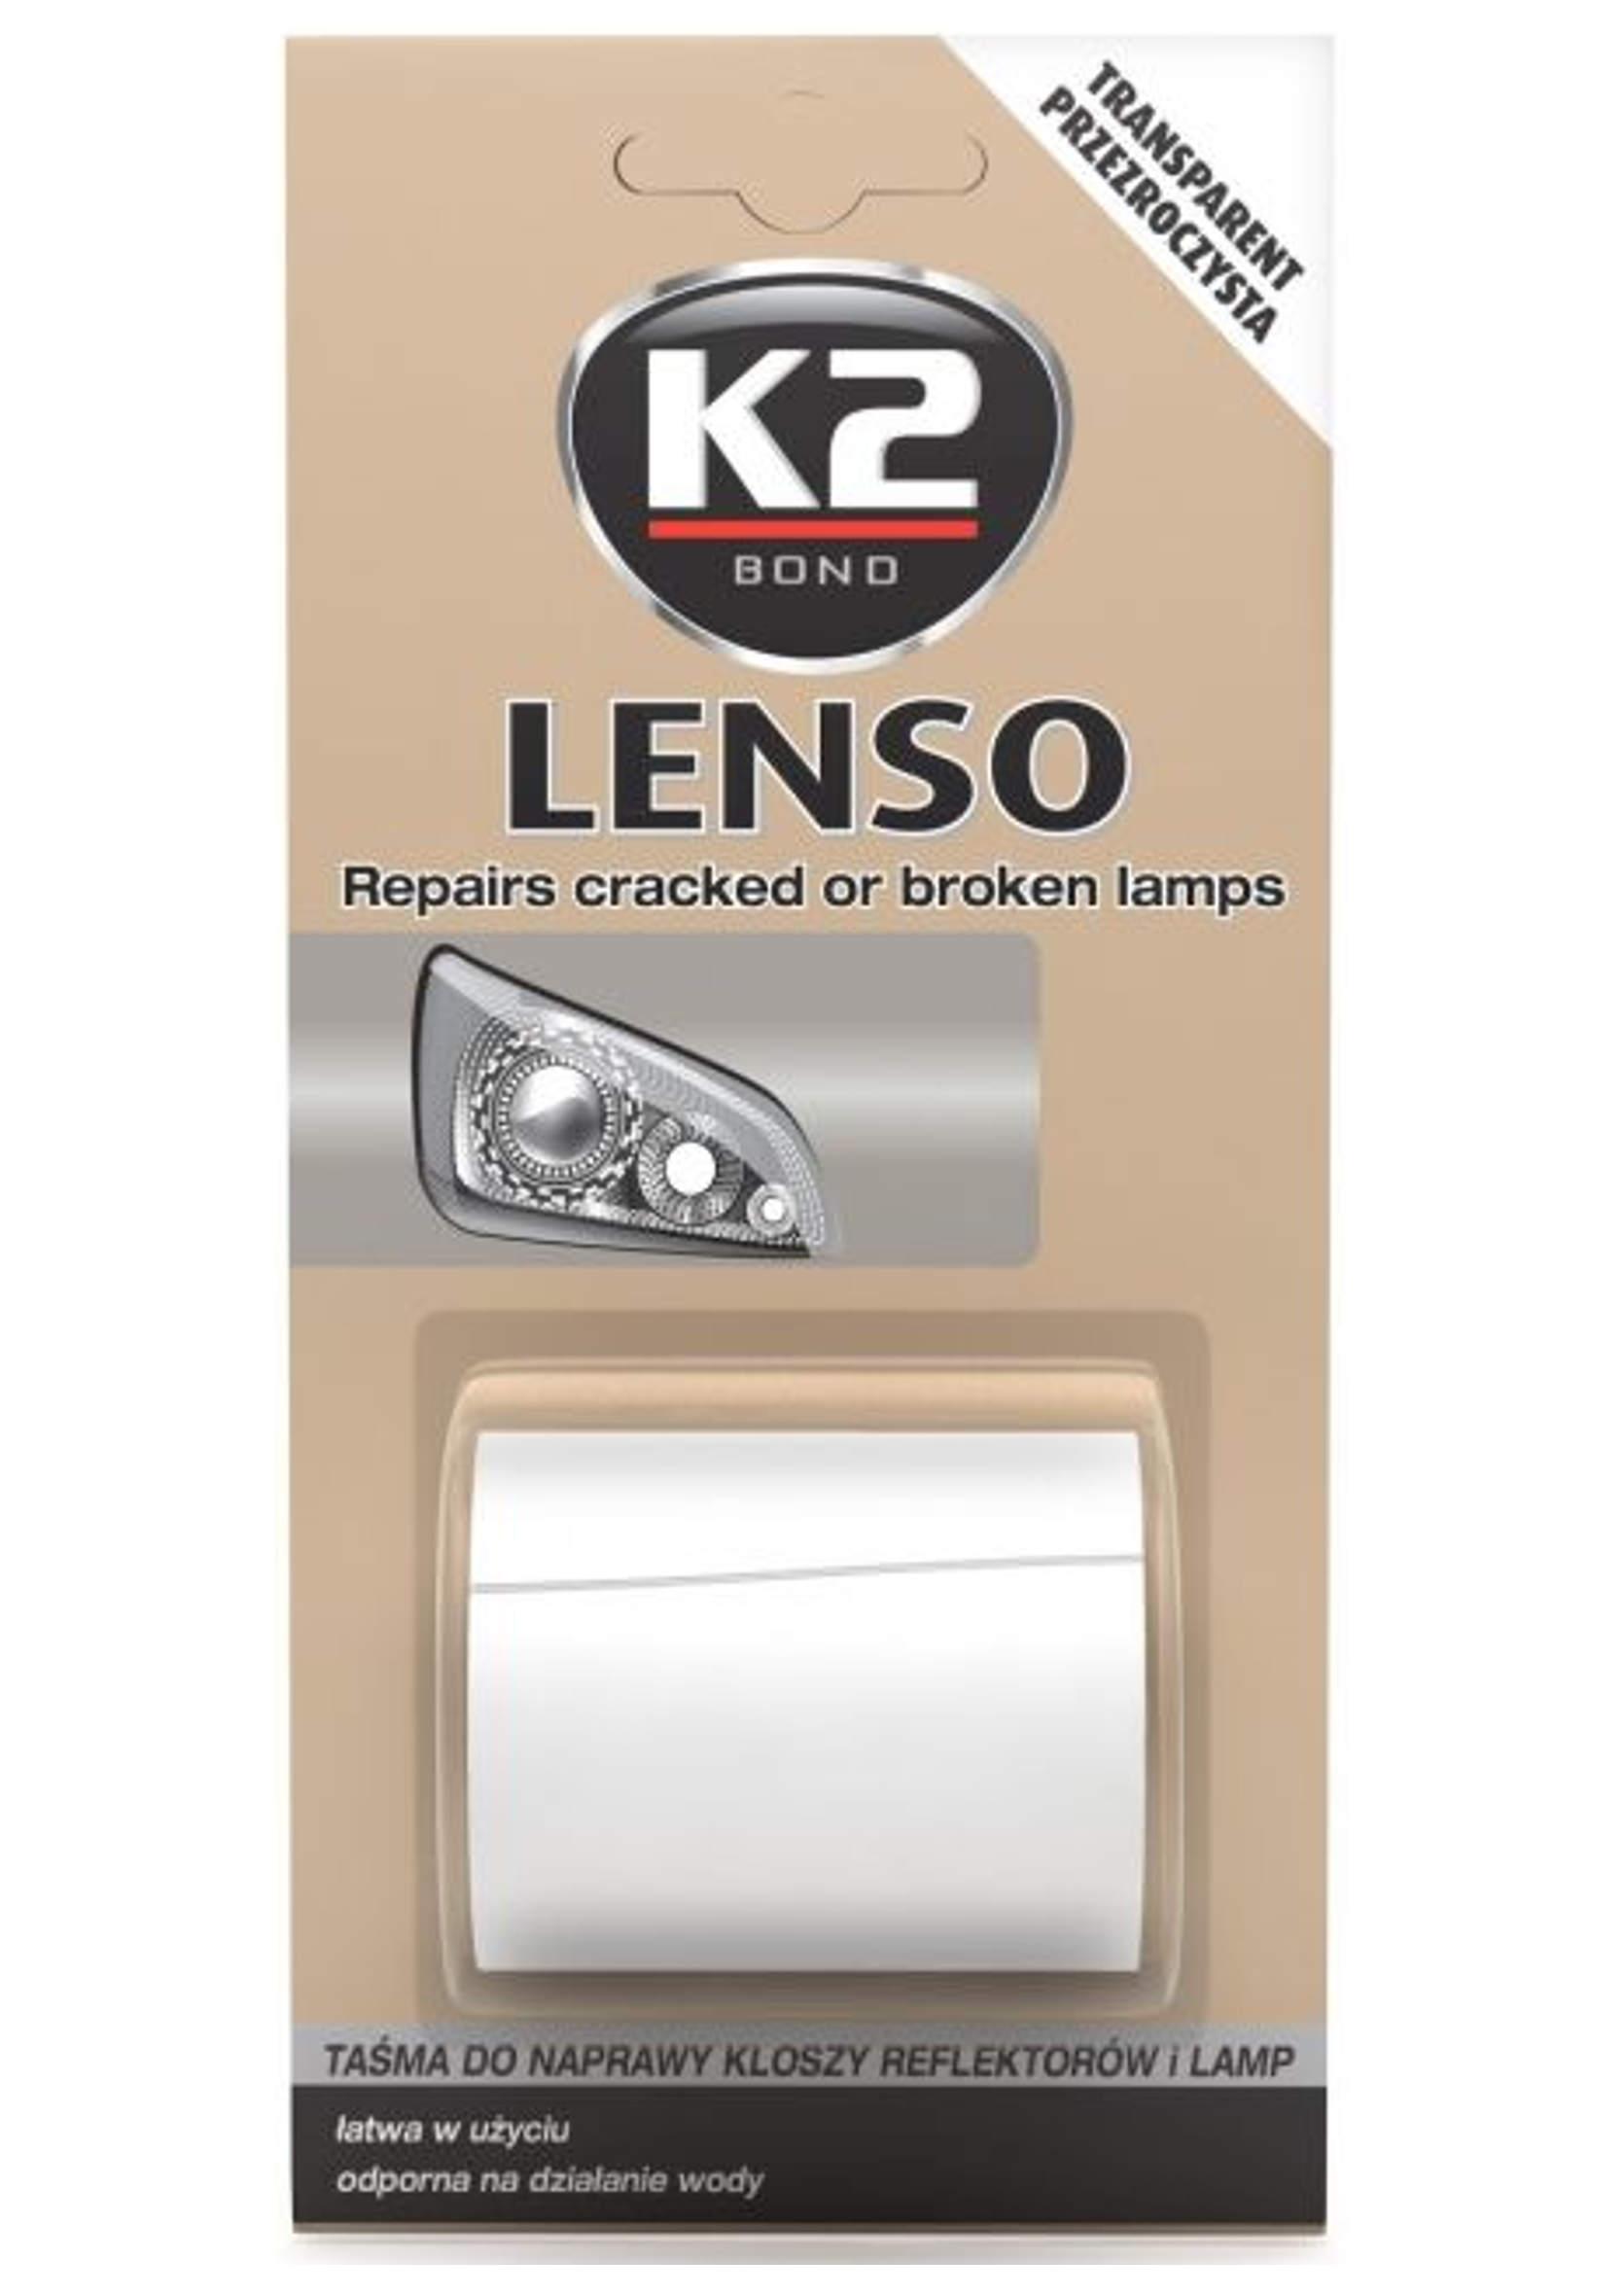 K2 Lenso Przezroczysta 1,5m Taśma do Naprawy Pękniętych Reflektorów i Lamp Tylnych